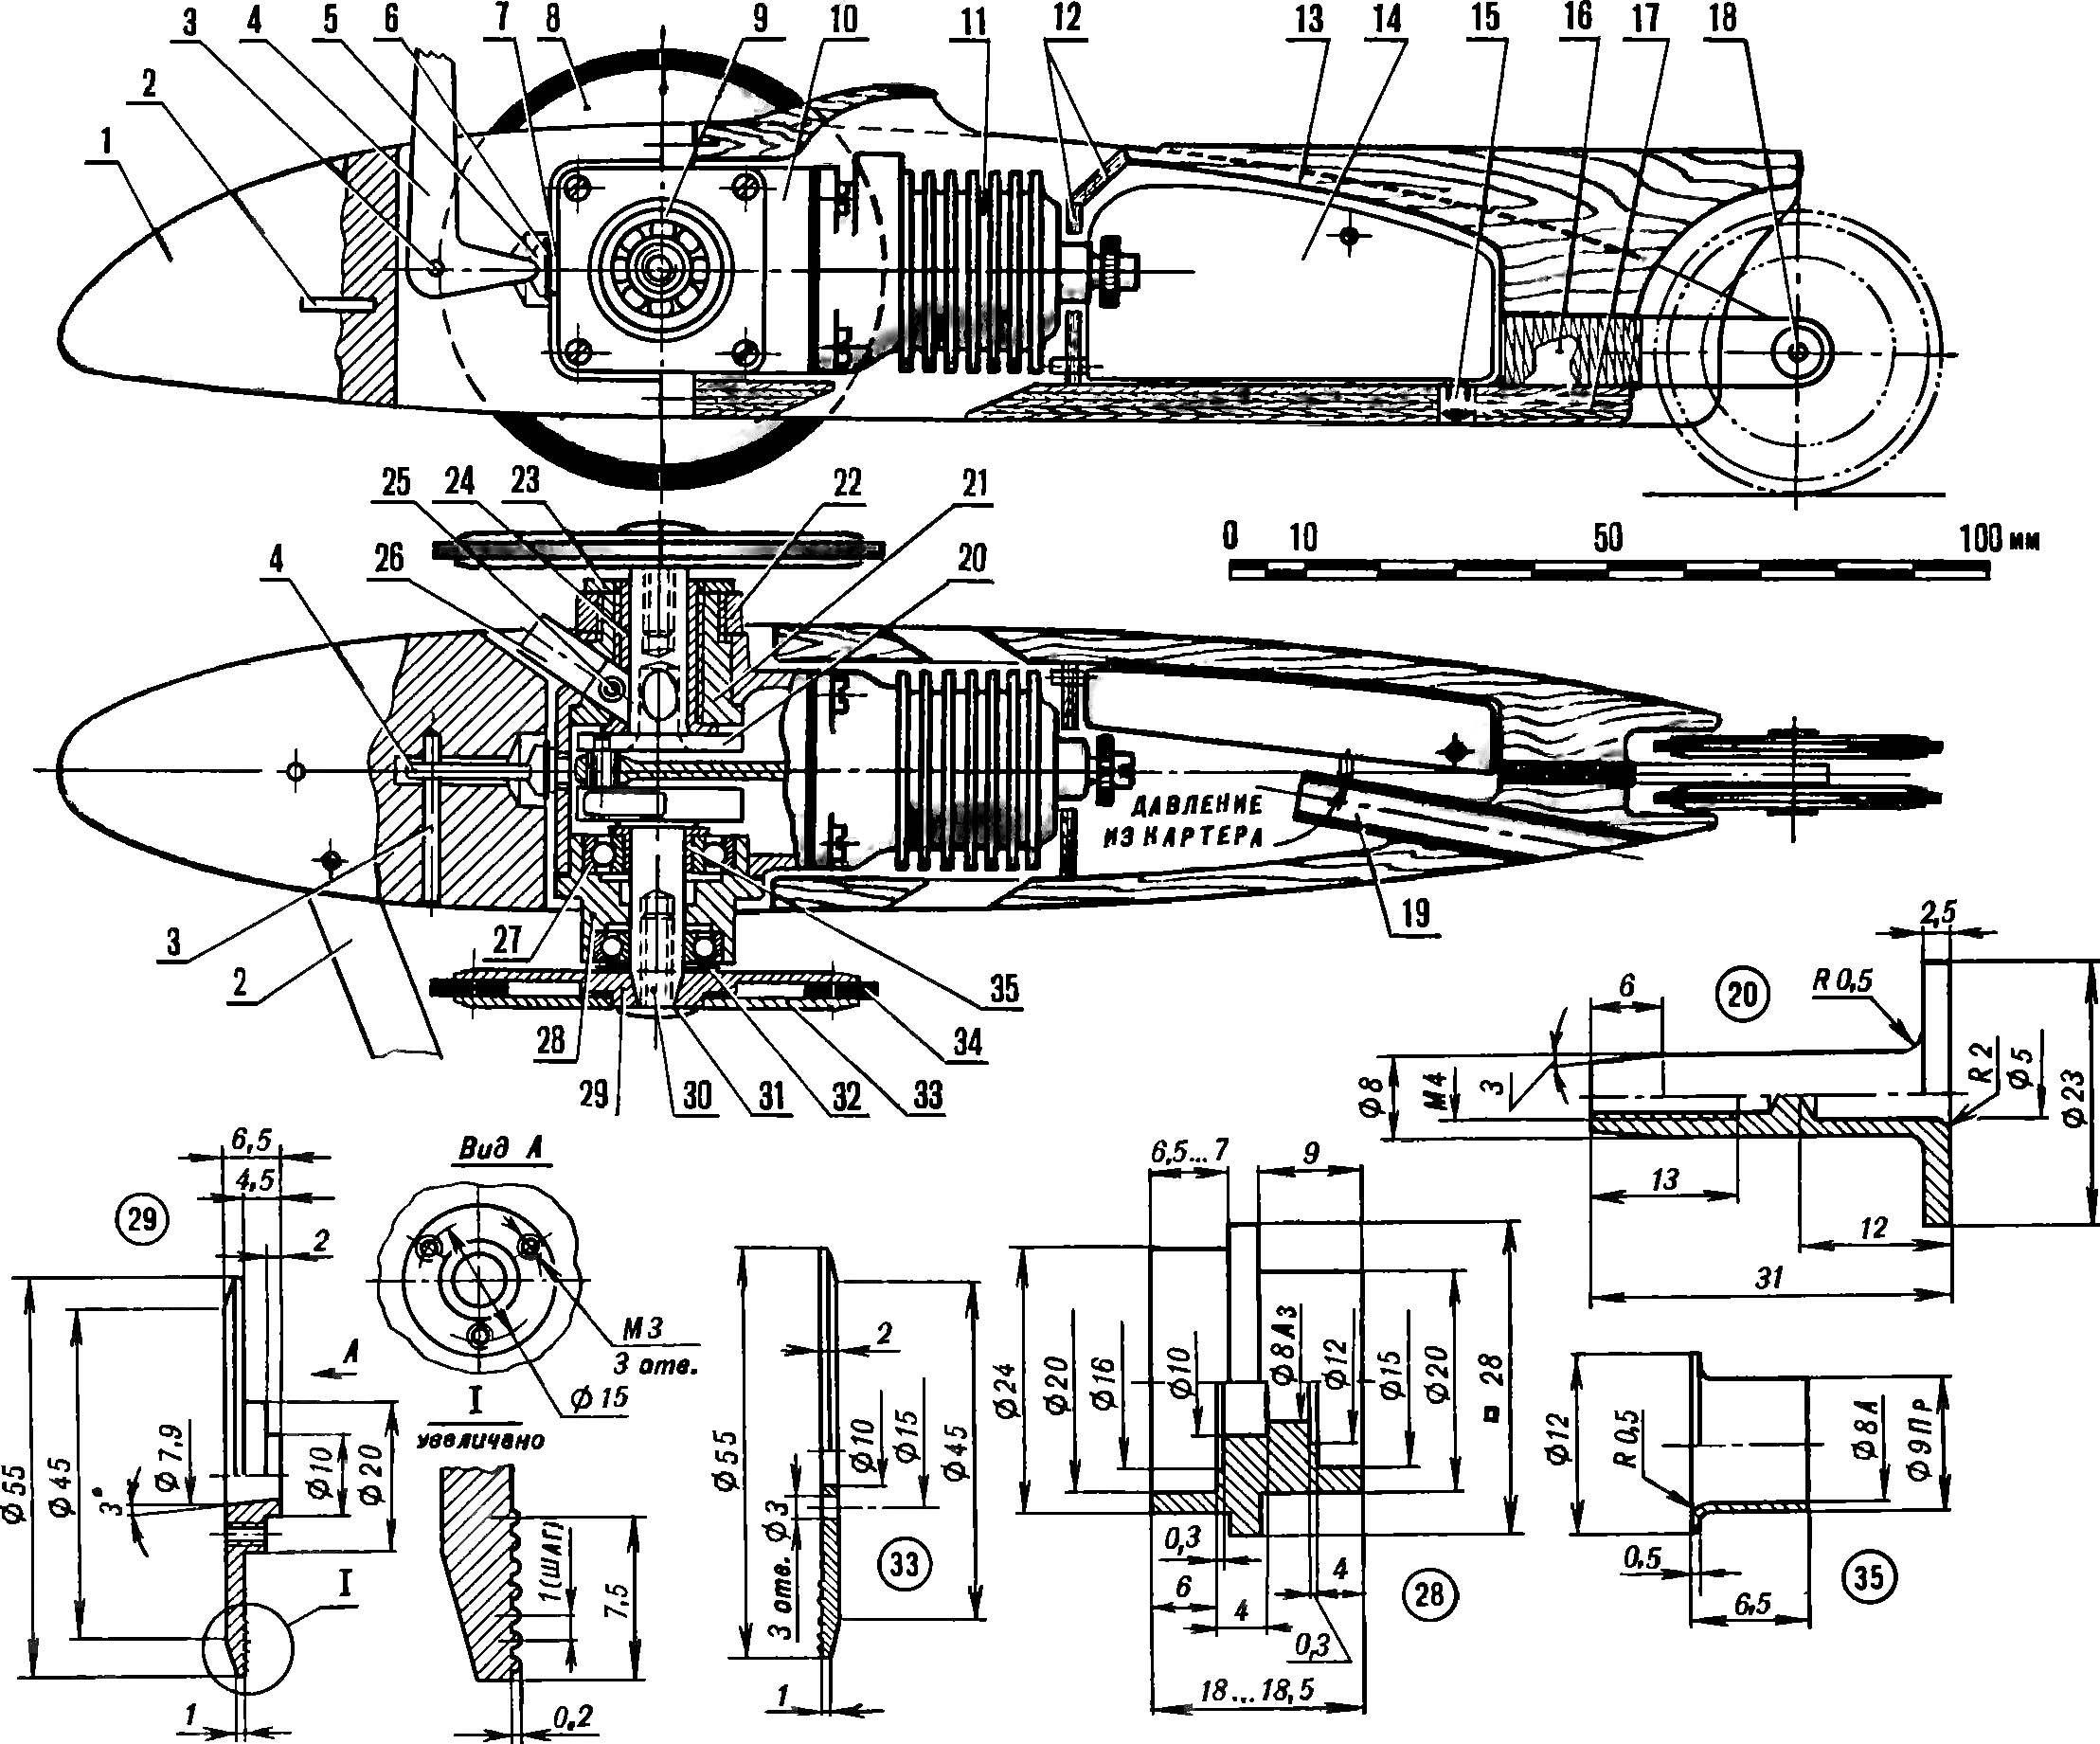 Конструкция гоночной кордовой автомодели с двигателем рабочим объемом 2,5 см3.